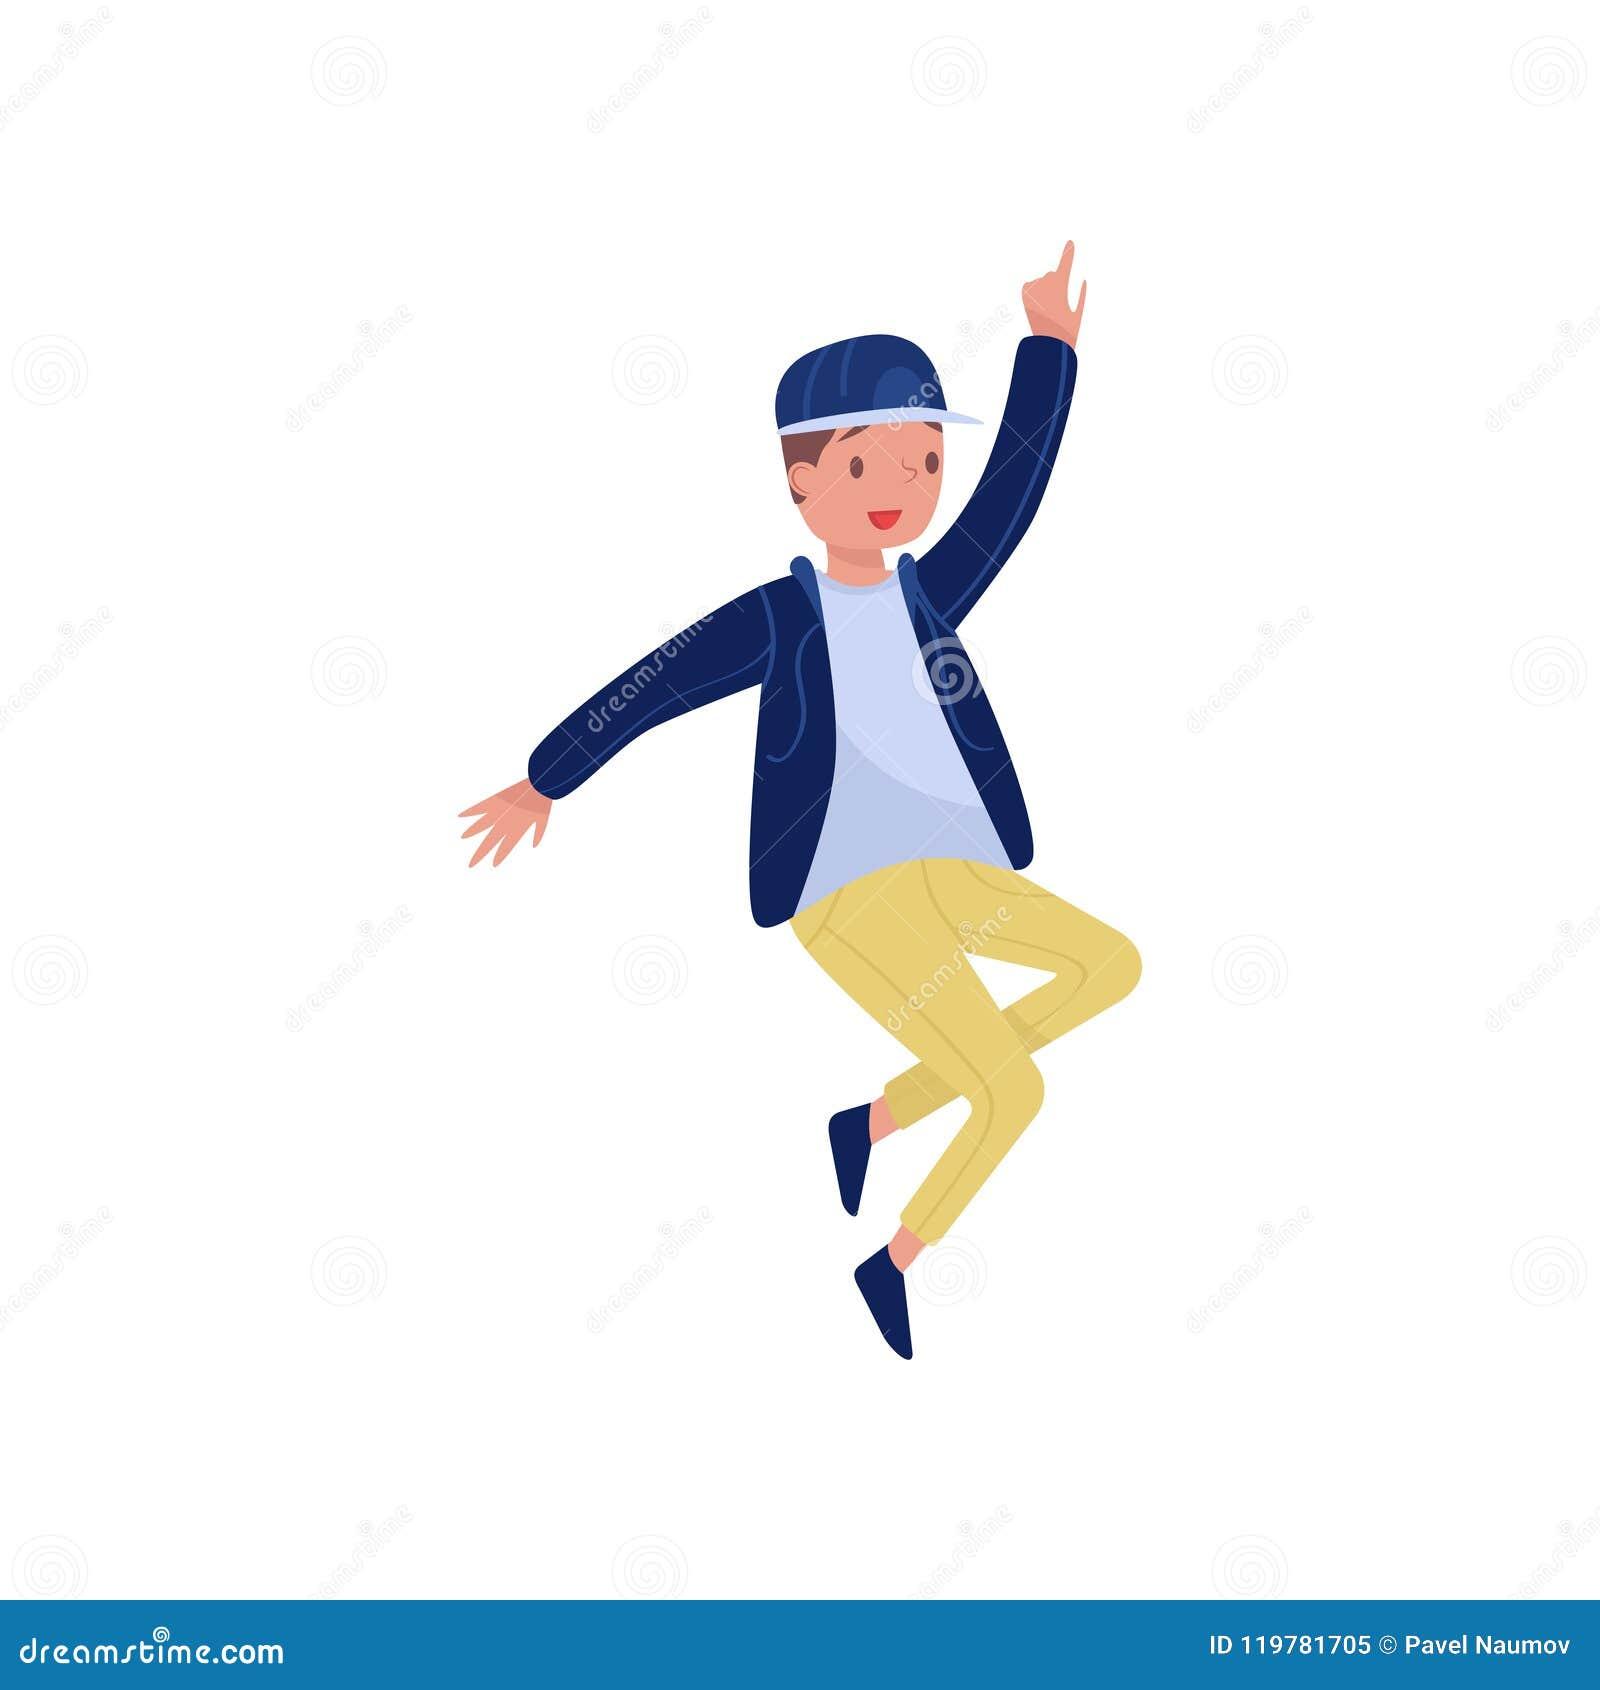 行动的节律唱诵的音乐舞蹈家 有愉快的面孔的少年男孩 1 3 5 6 8个所有鸡尾酒椰子colada多维数据集饮料新鲜的冰成份查出的汁液长度单位评定牛奶混合的当事人pina菠萝puerto纯rican兰姆酒服务片式匙子时间对白色 舞蹈学校电视节目预告海报的平的